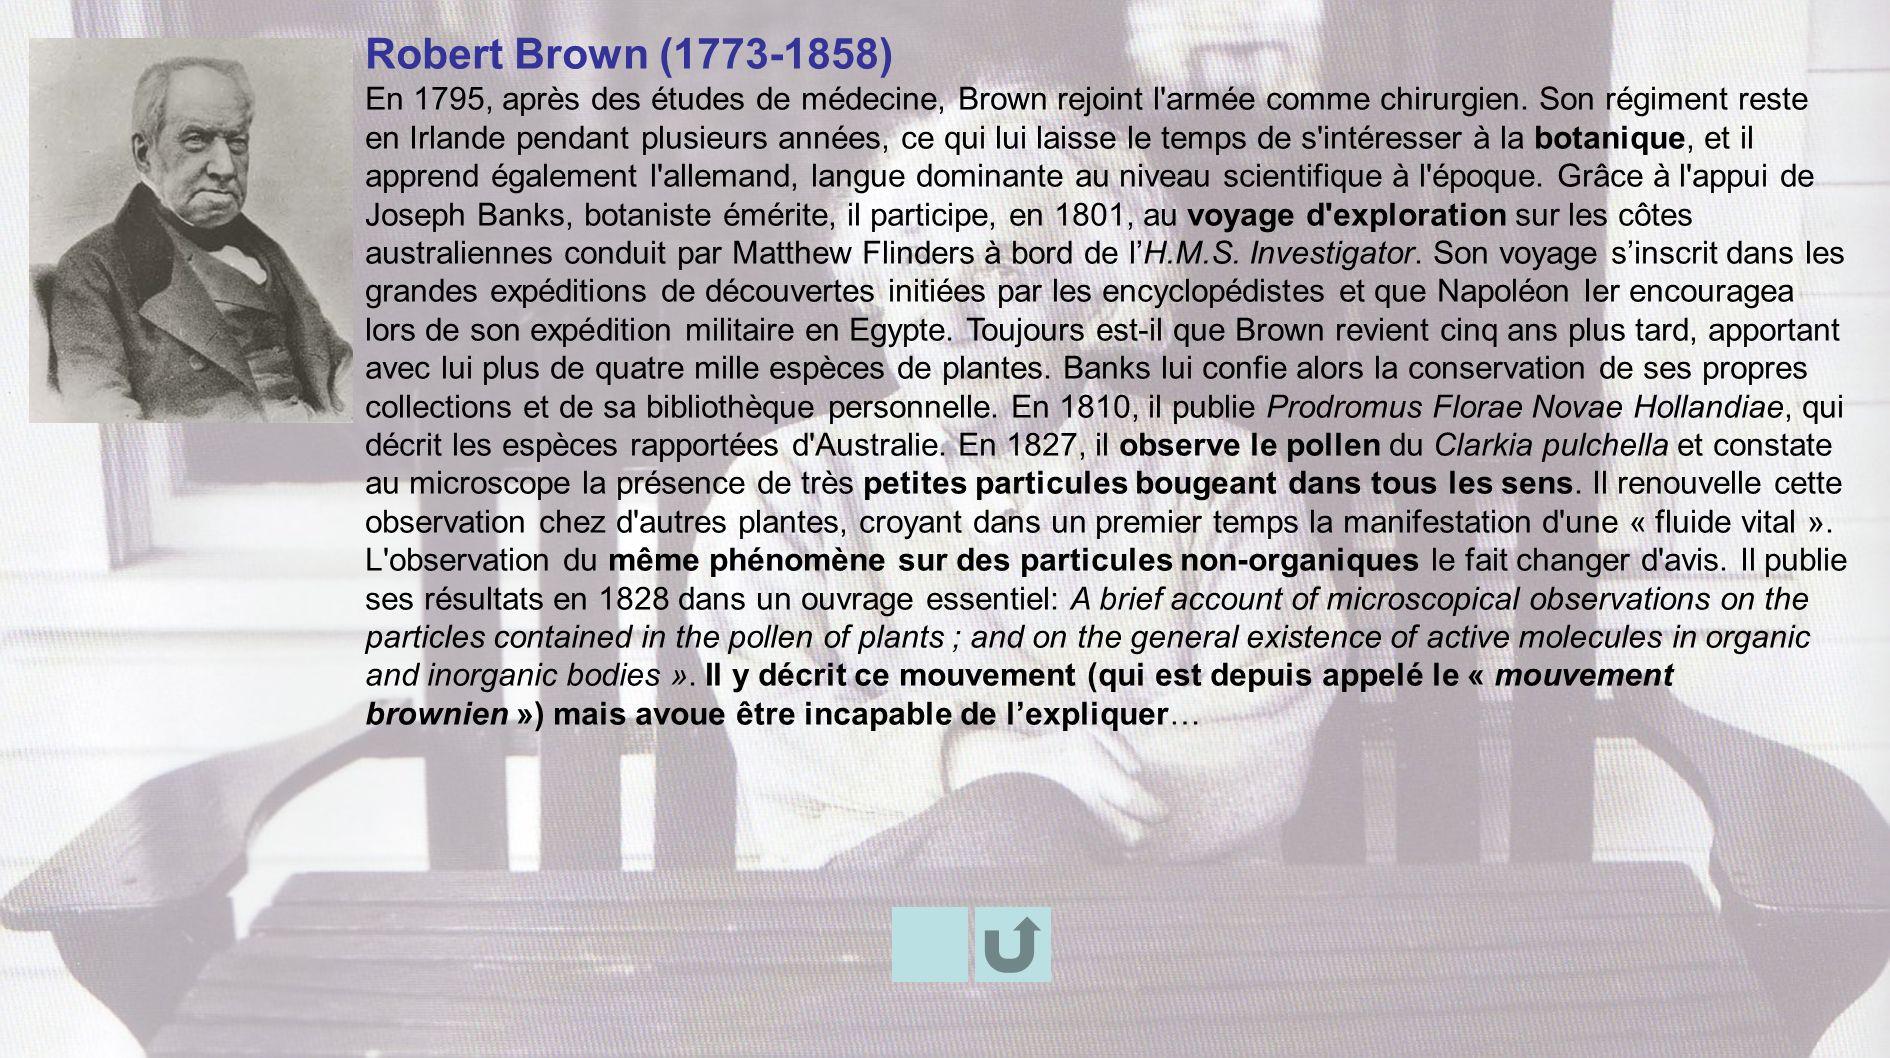 Robert Brown (1773-1858) En 1795, après des études de médecine, Brown rejoint l'armée comme chirurgien. Son régiment reste en Irlande pendant plusieur